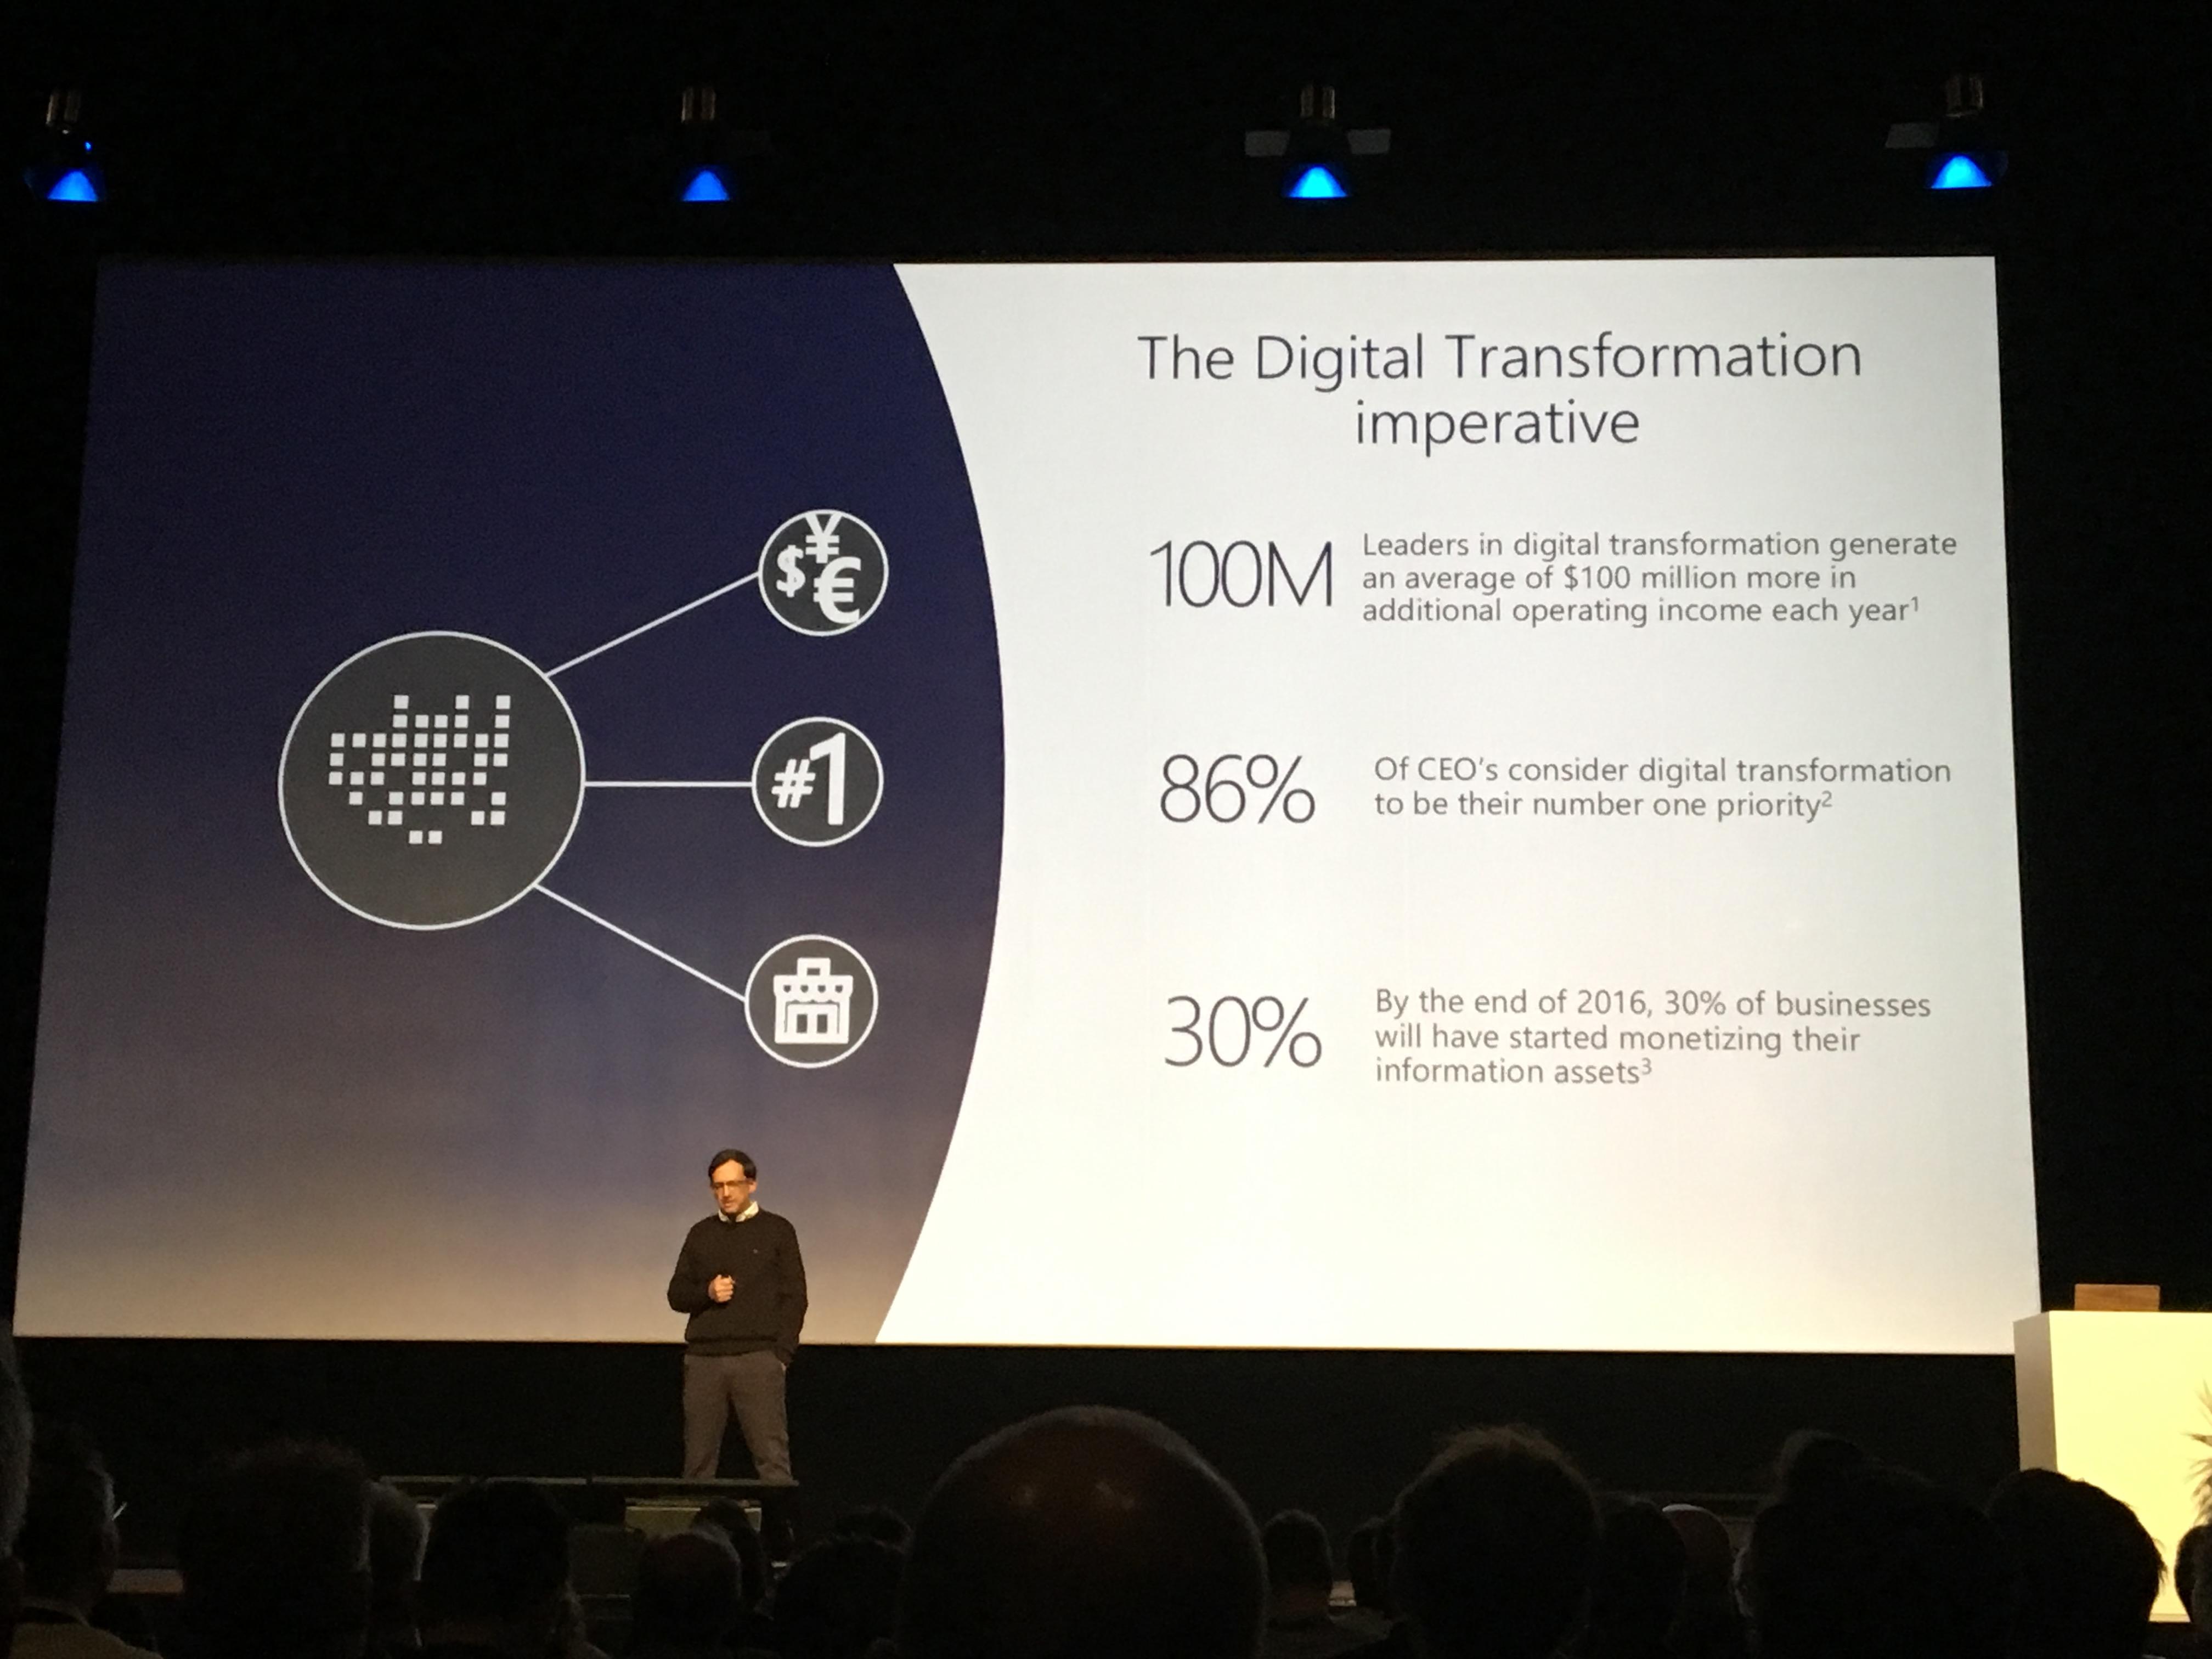 不可避なデジタル変革